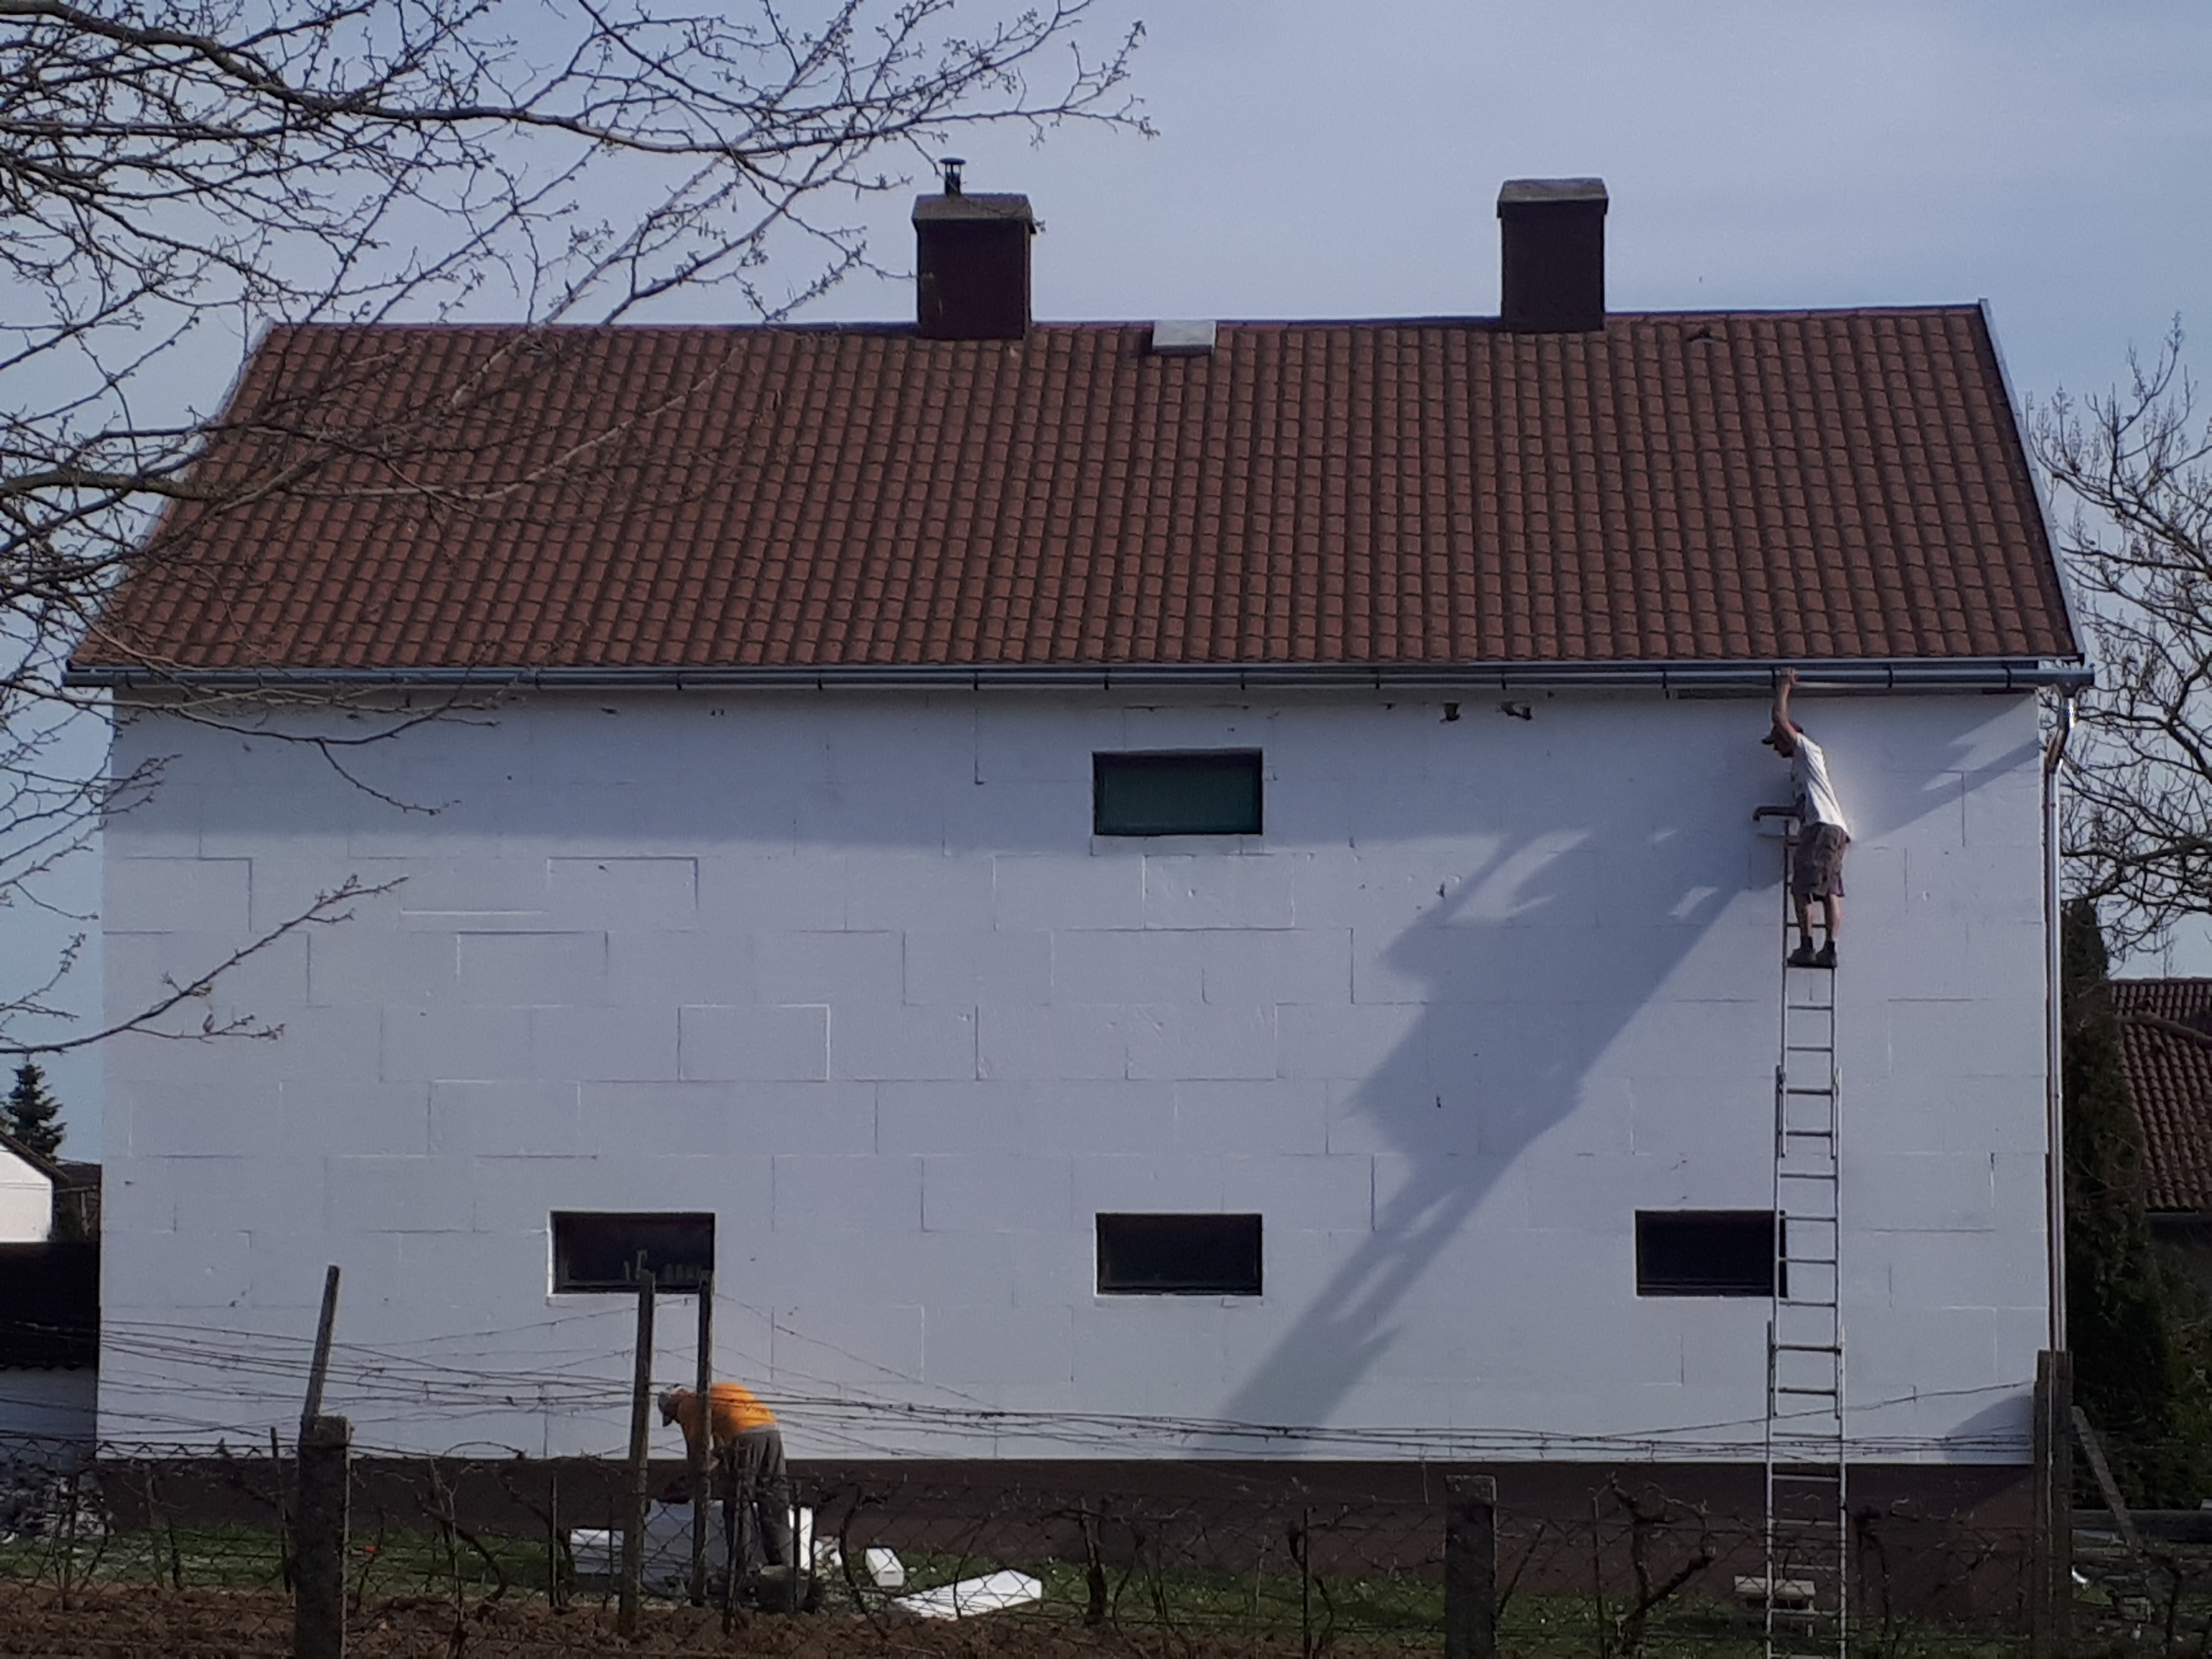 Palatető felújítás Mátraverebély, palatető szigetelés MátraverebélyCsaládi ház palatető felújítása